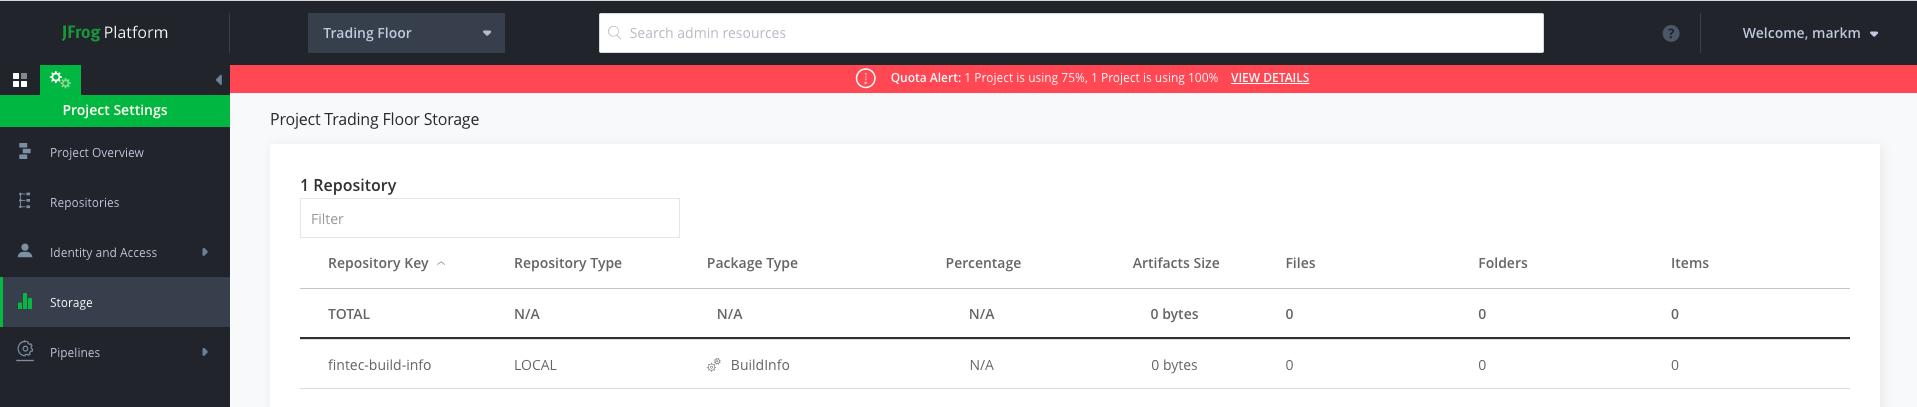 JFrog Platform - Managing Storage Thresholds